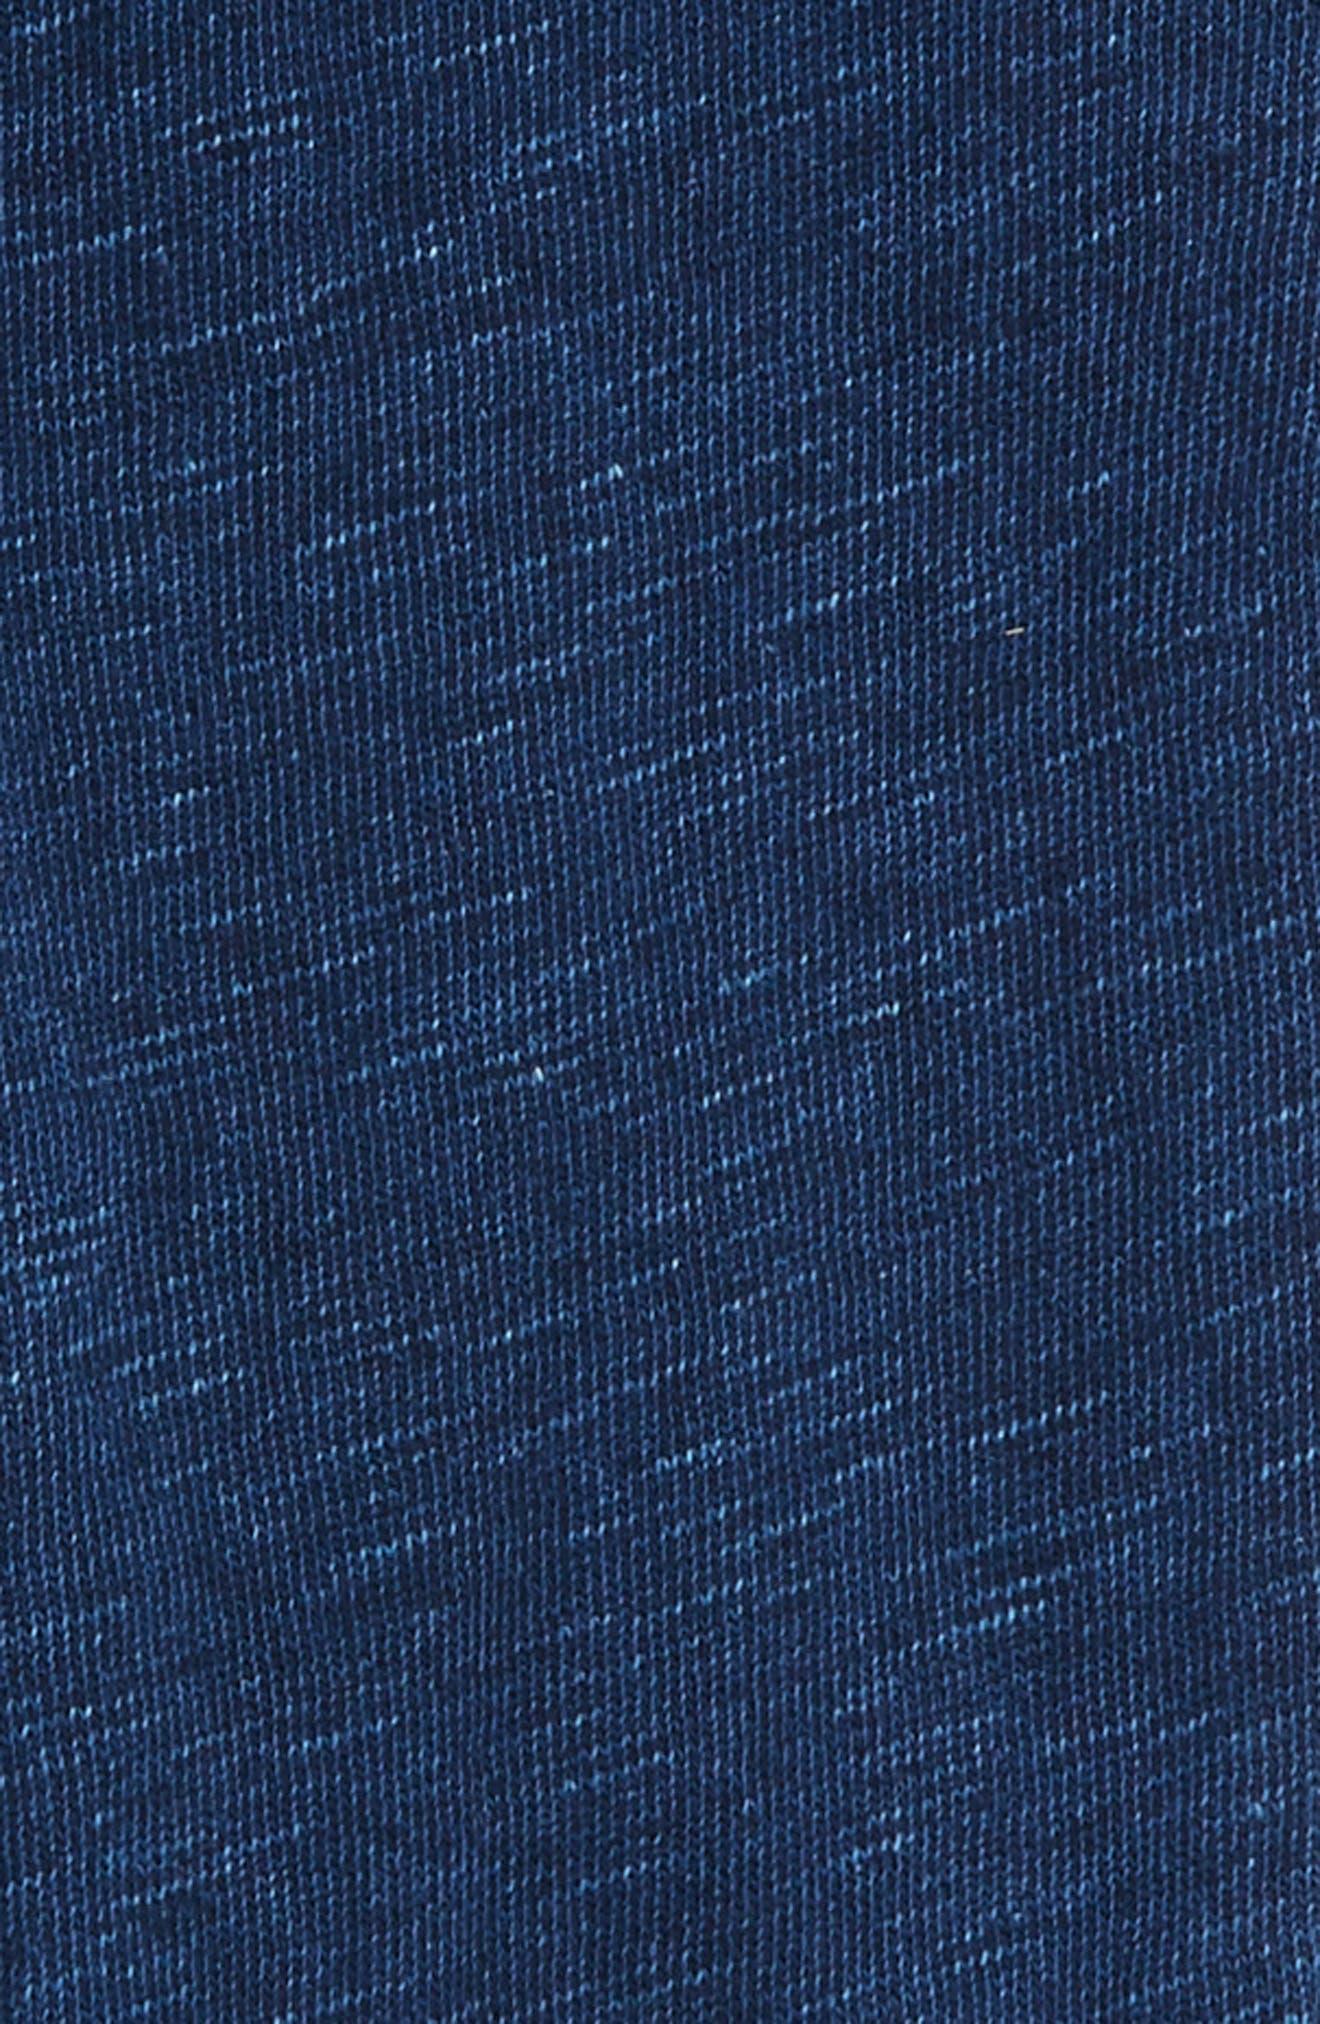 Alternate Image 3  - Splendid Double Knit Jogger Pants (Toddler Boys & Little Boys)